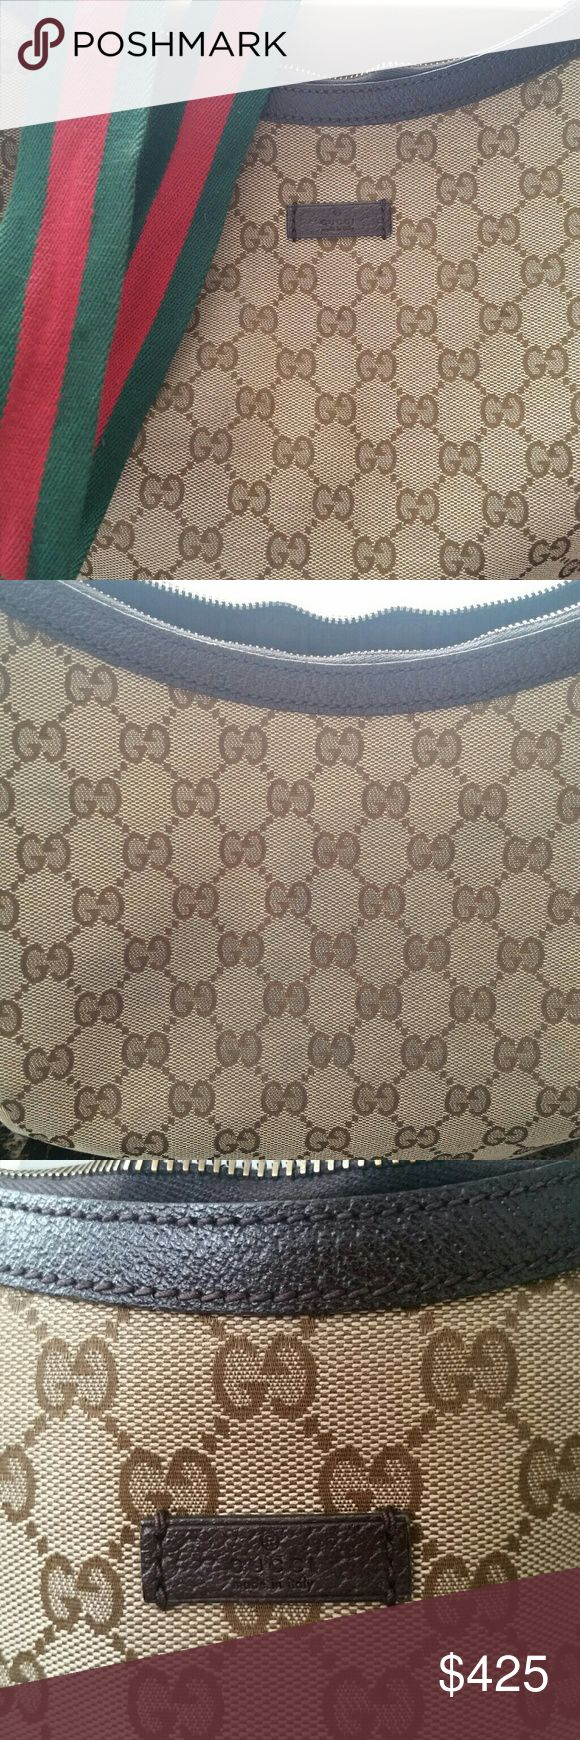 Gucci Messenger Bag Gucci Gucci Bags Crossbody Bags